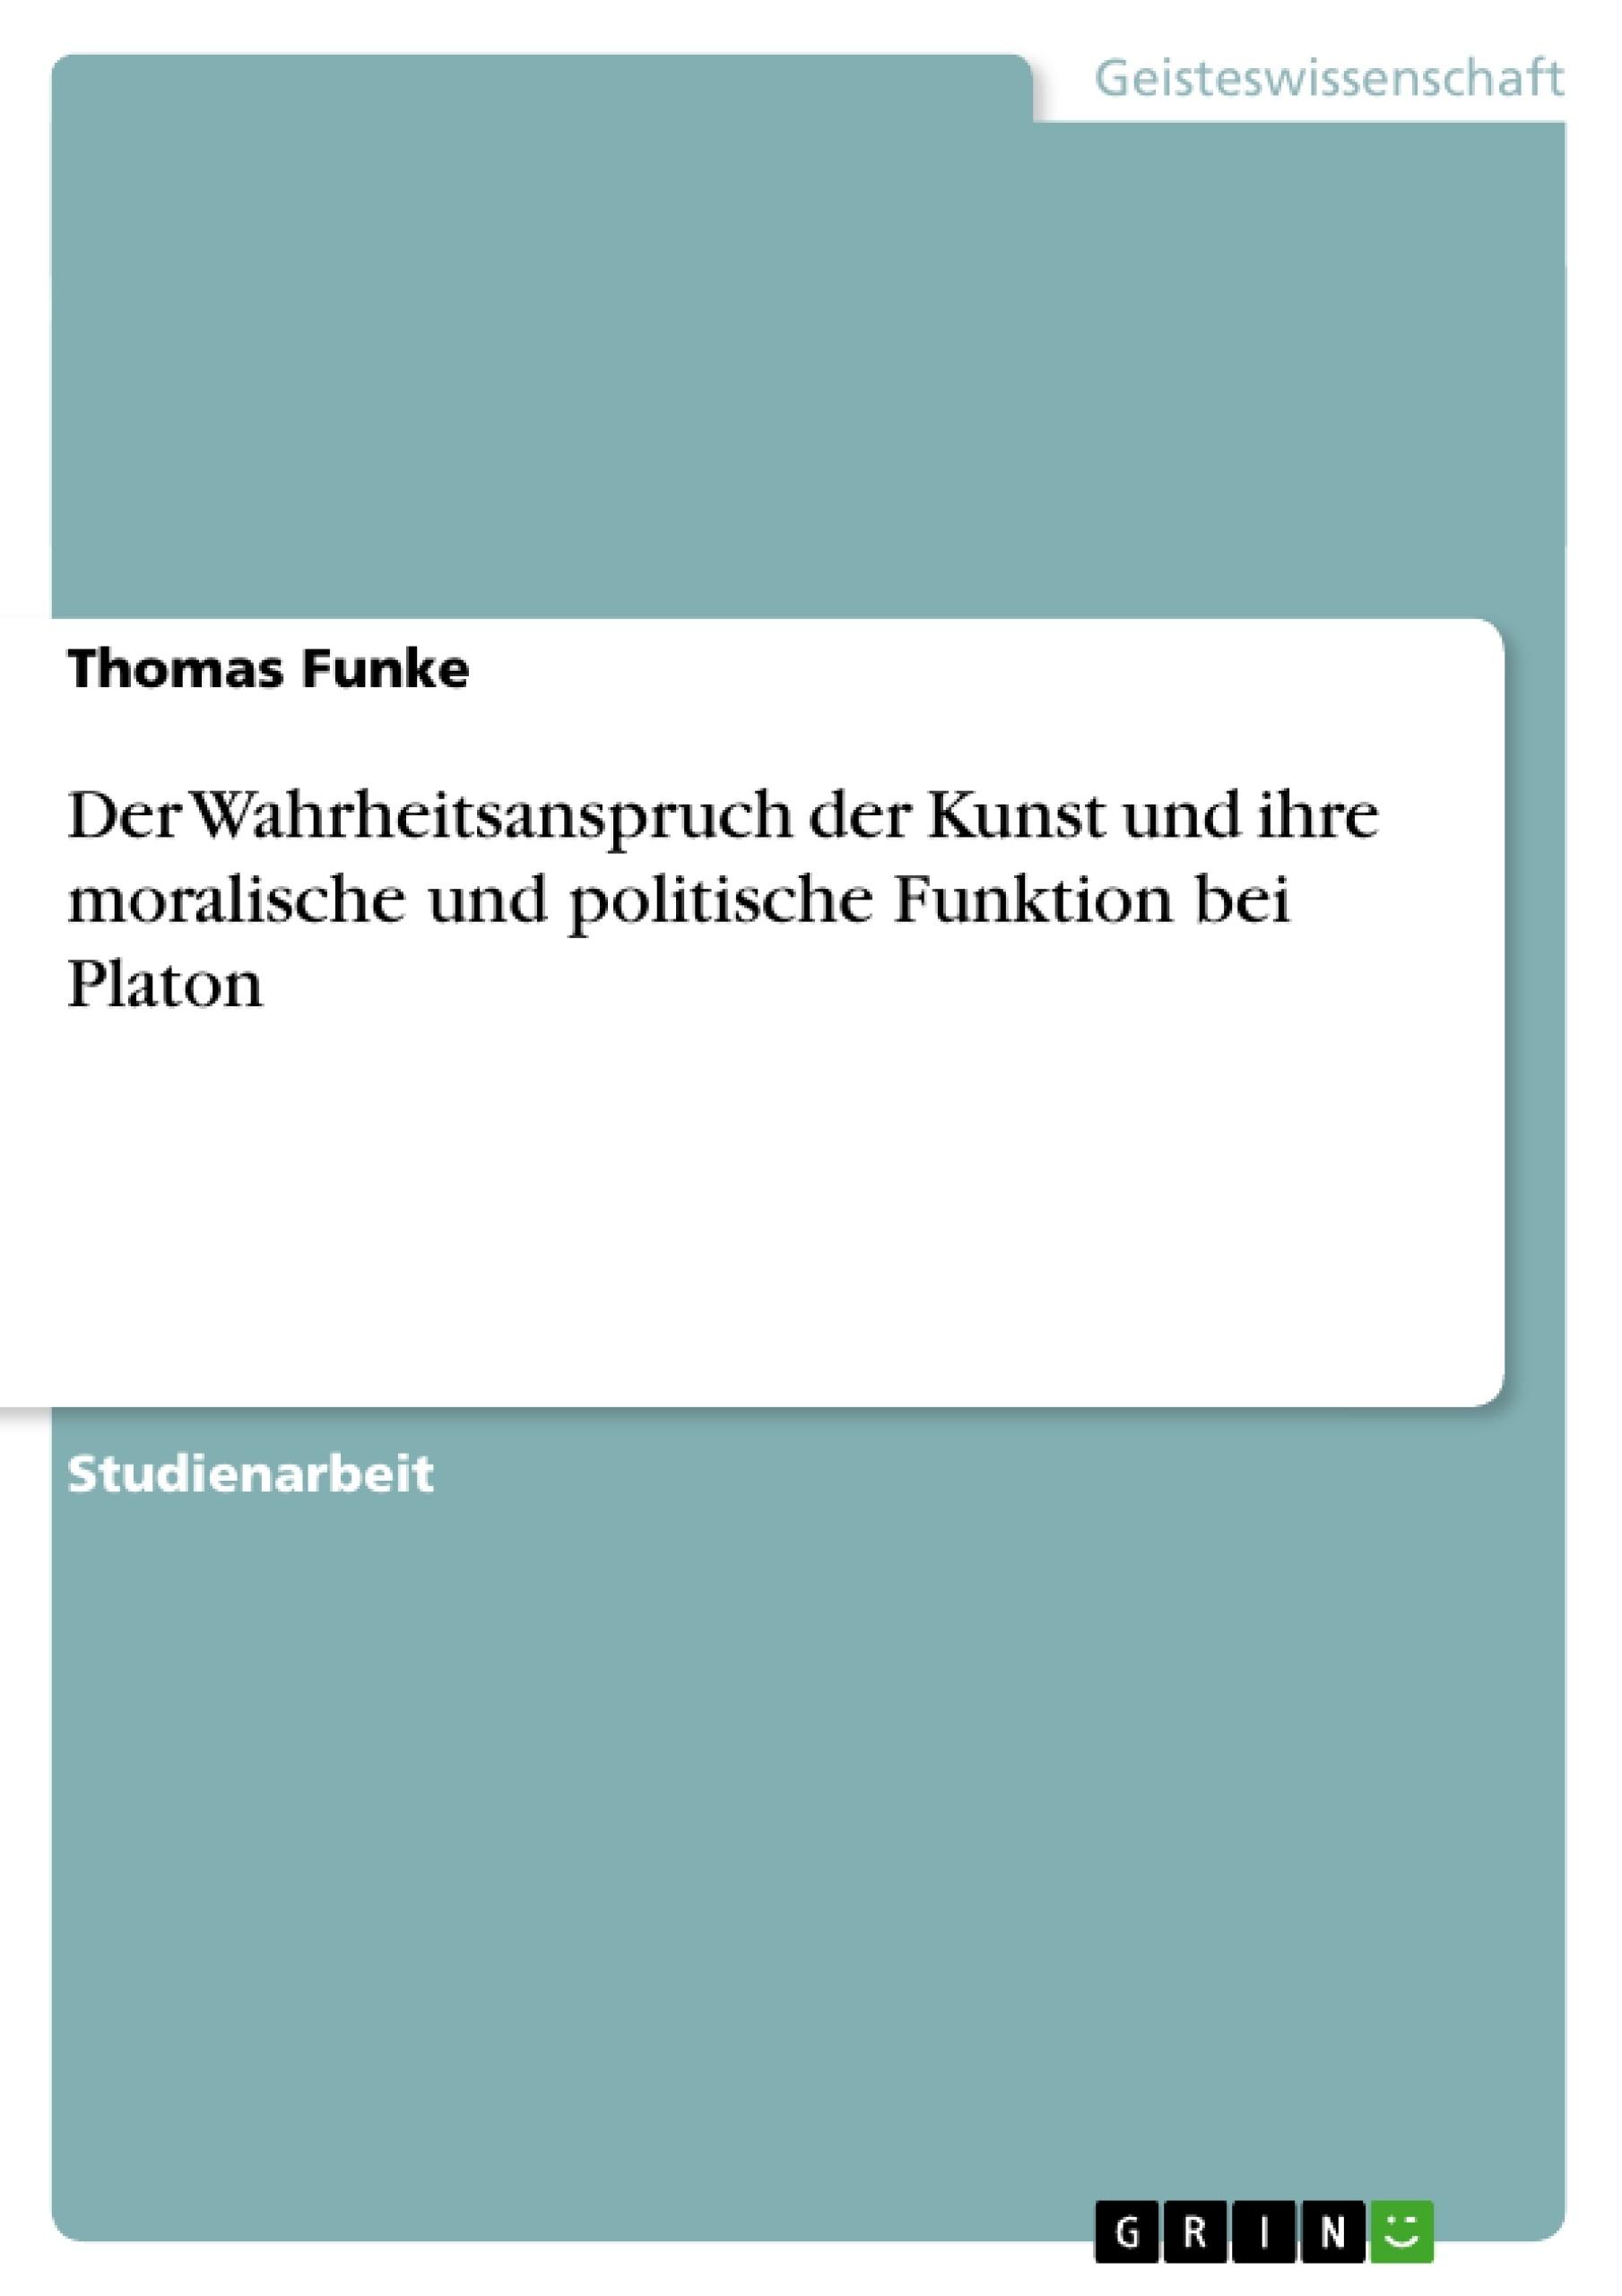 Titel: Der Wahrheitsanspruch der Kunst und ihre moralische und politische Funktion bei Platon